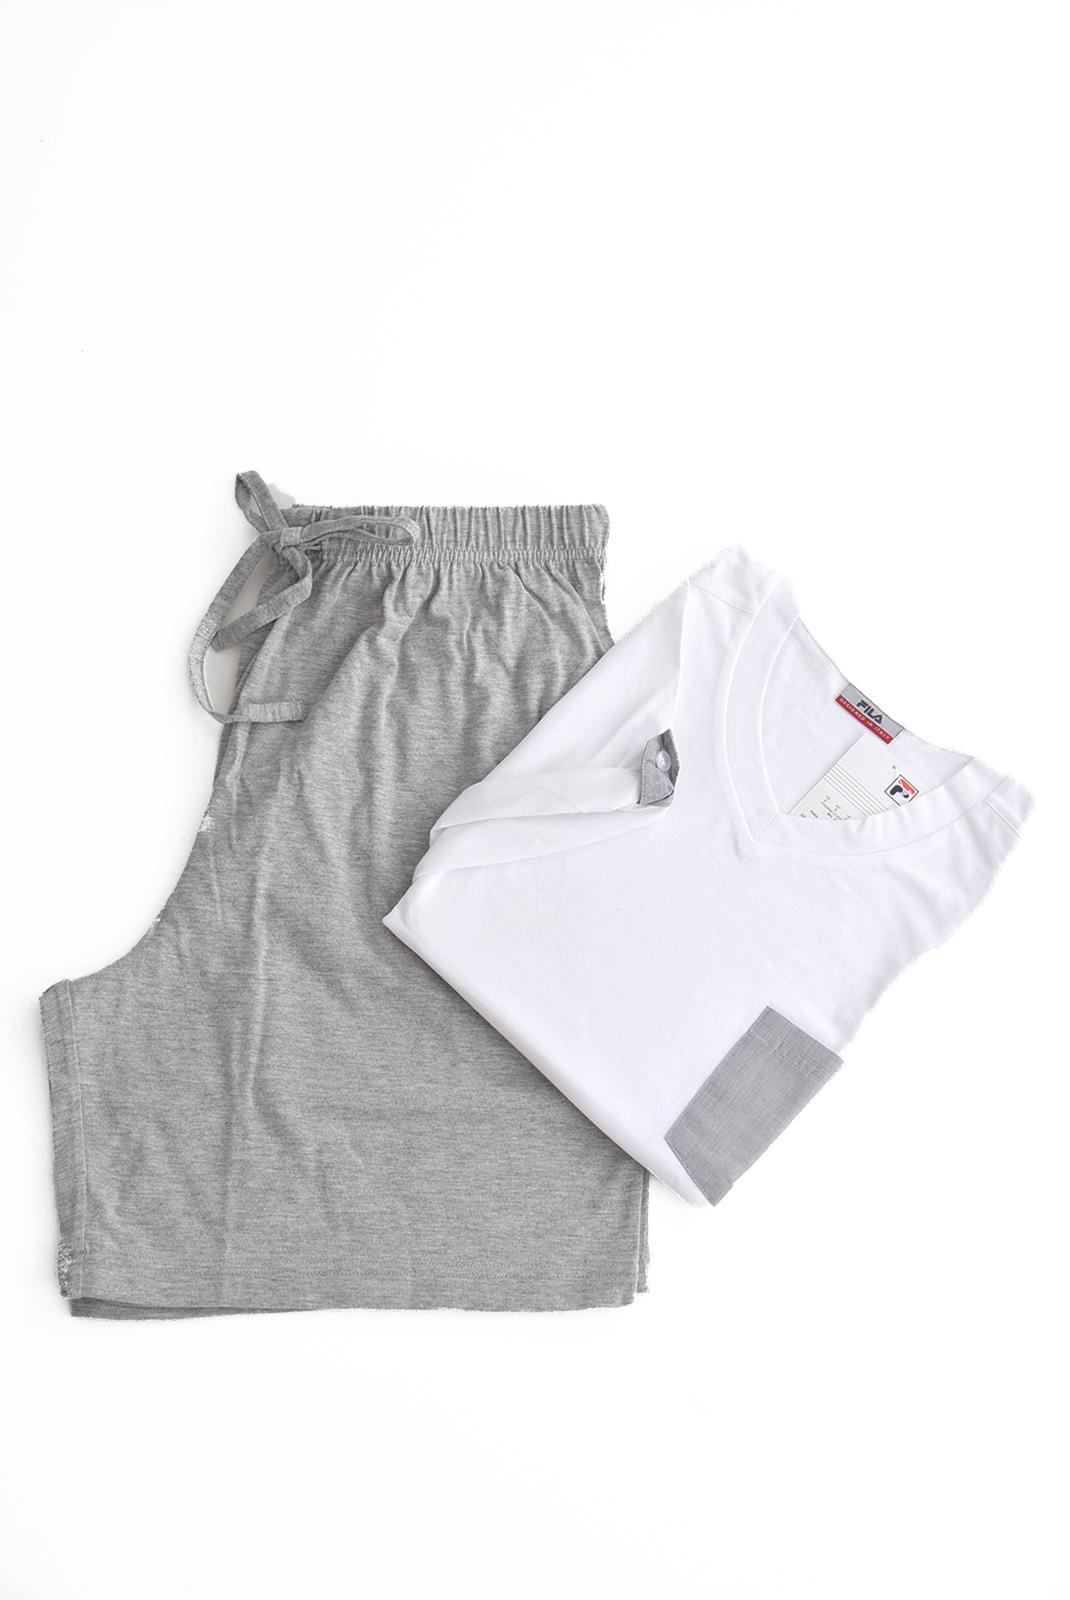 Pyjamas-Peignoirs  Fila F06IU 003-BIANCO